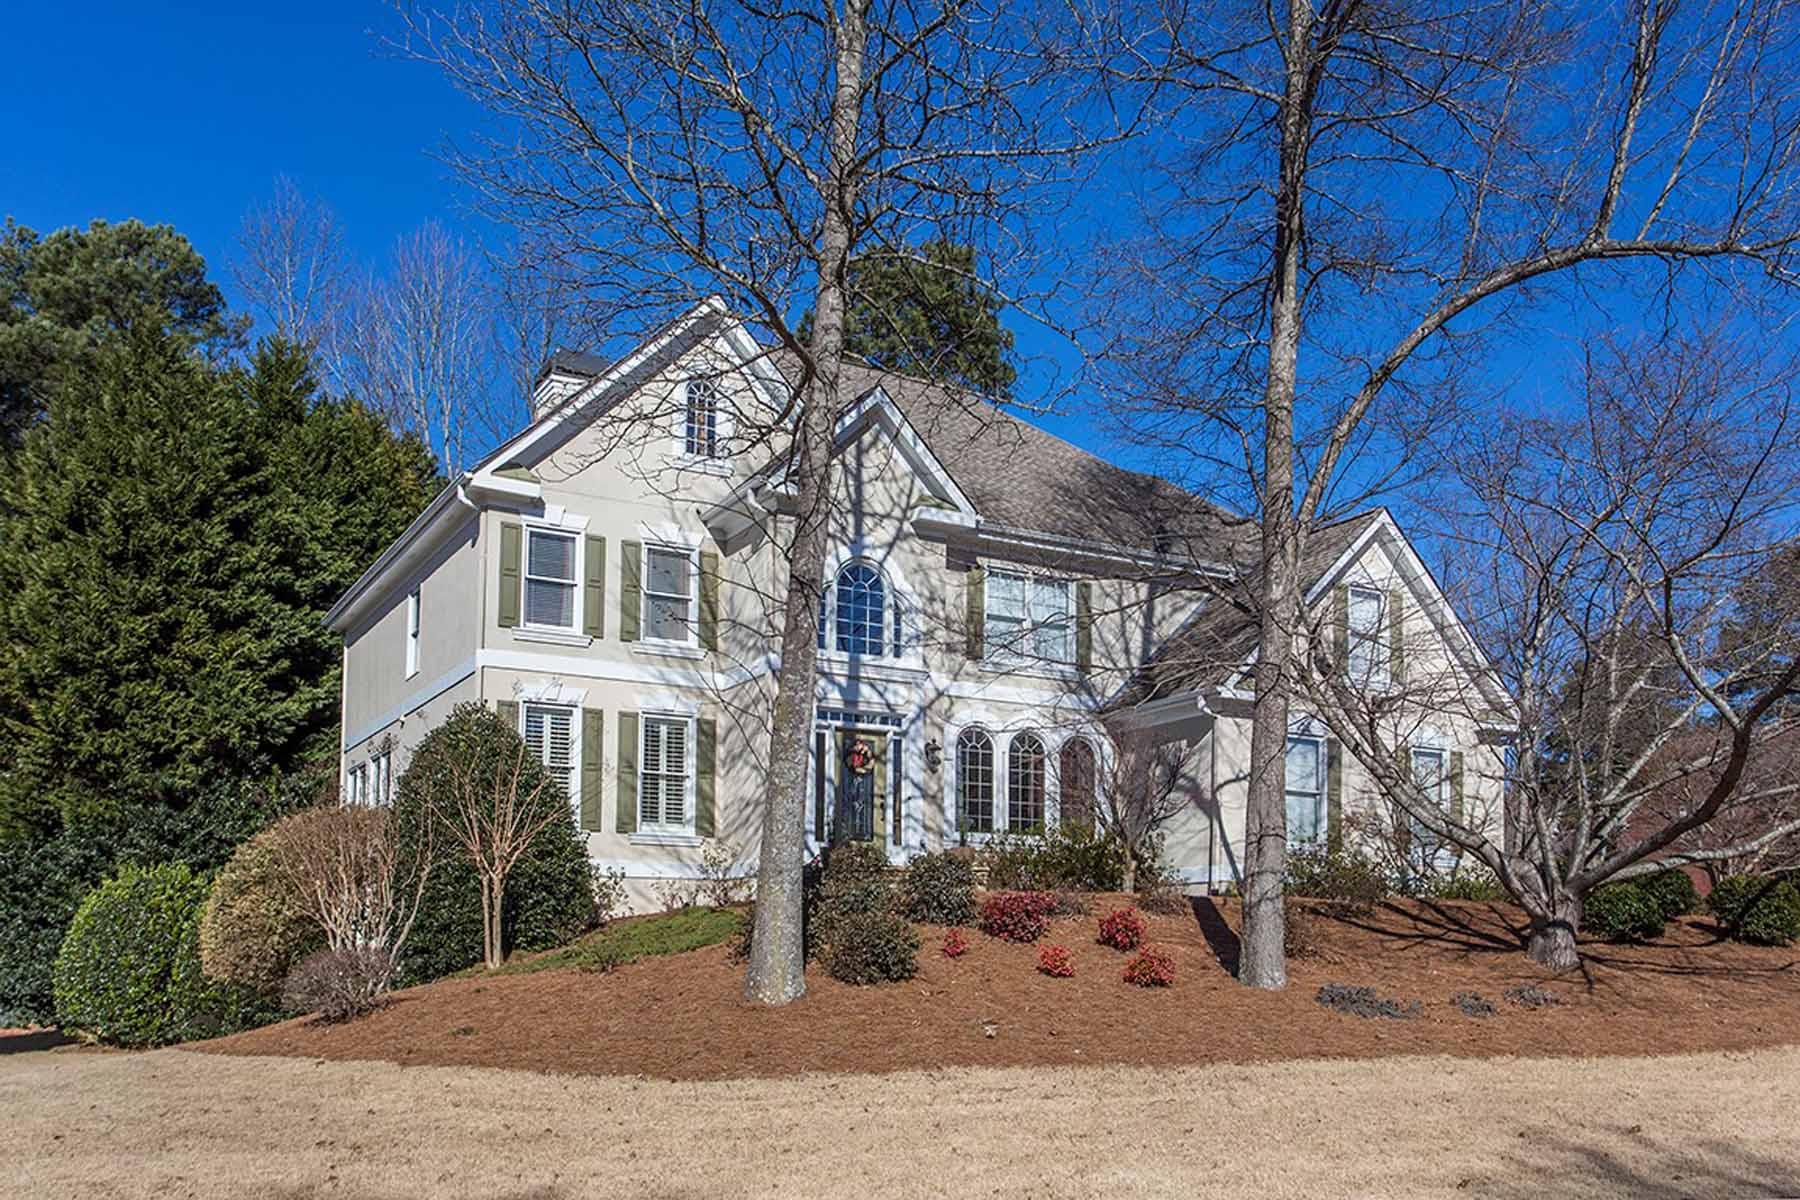 Nhà ở một gia đình vì Bán tại Gorgeous, Pristine Home in Sought-After DeerLake 300 Antler Way Alpharetta, Georgia 30005 Hoa Kỳ